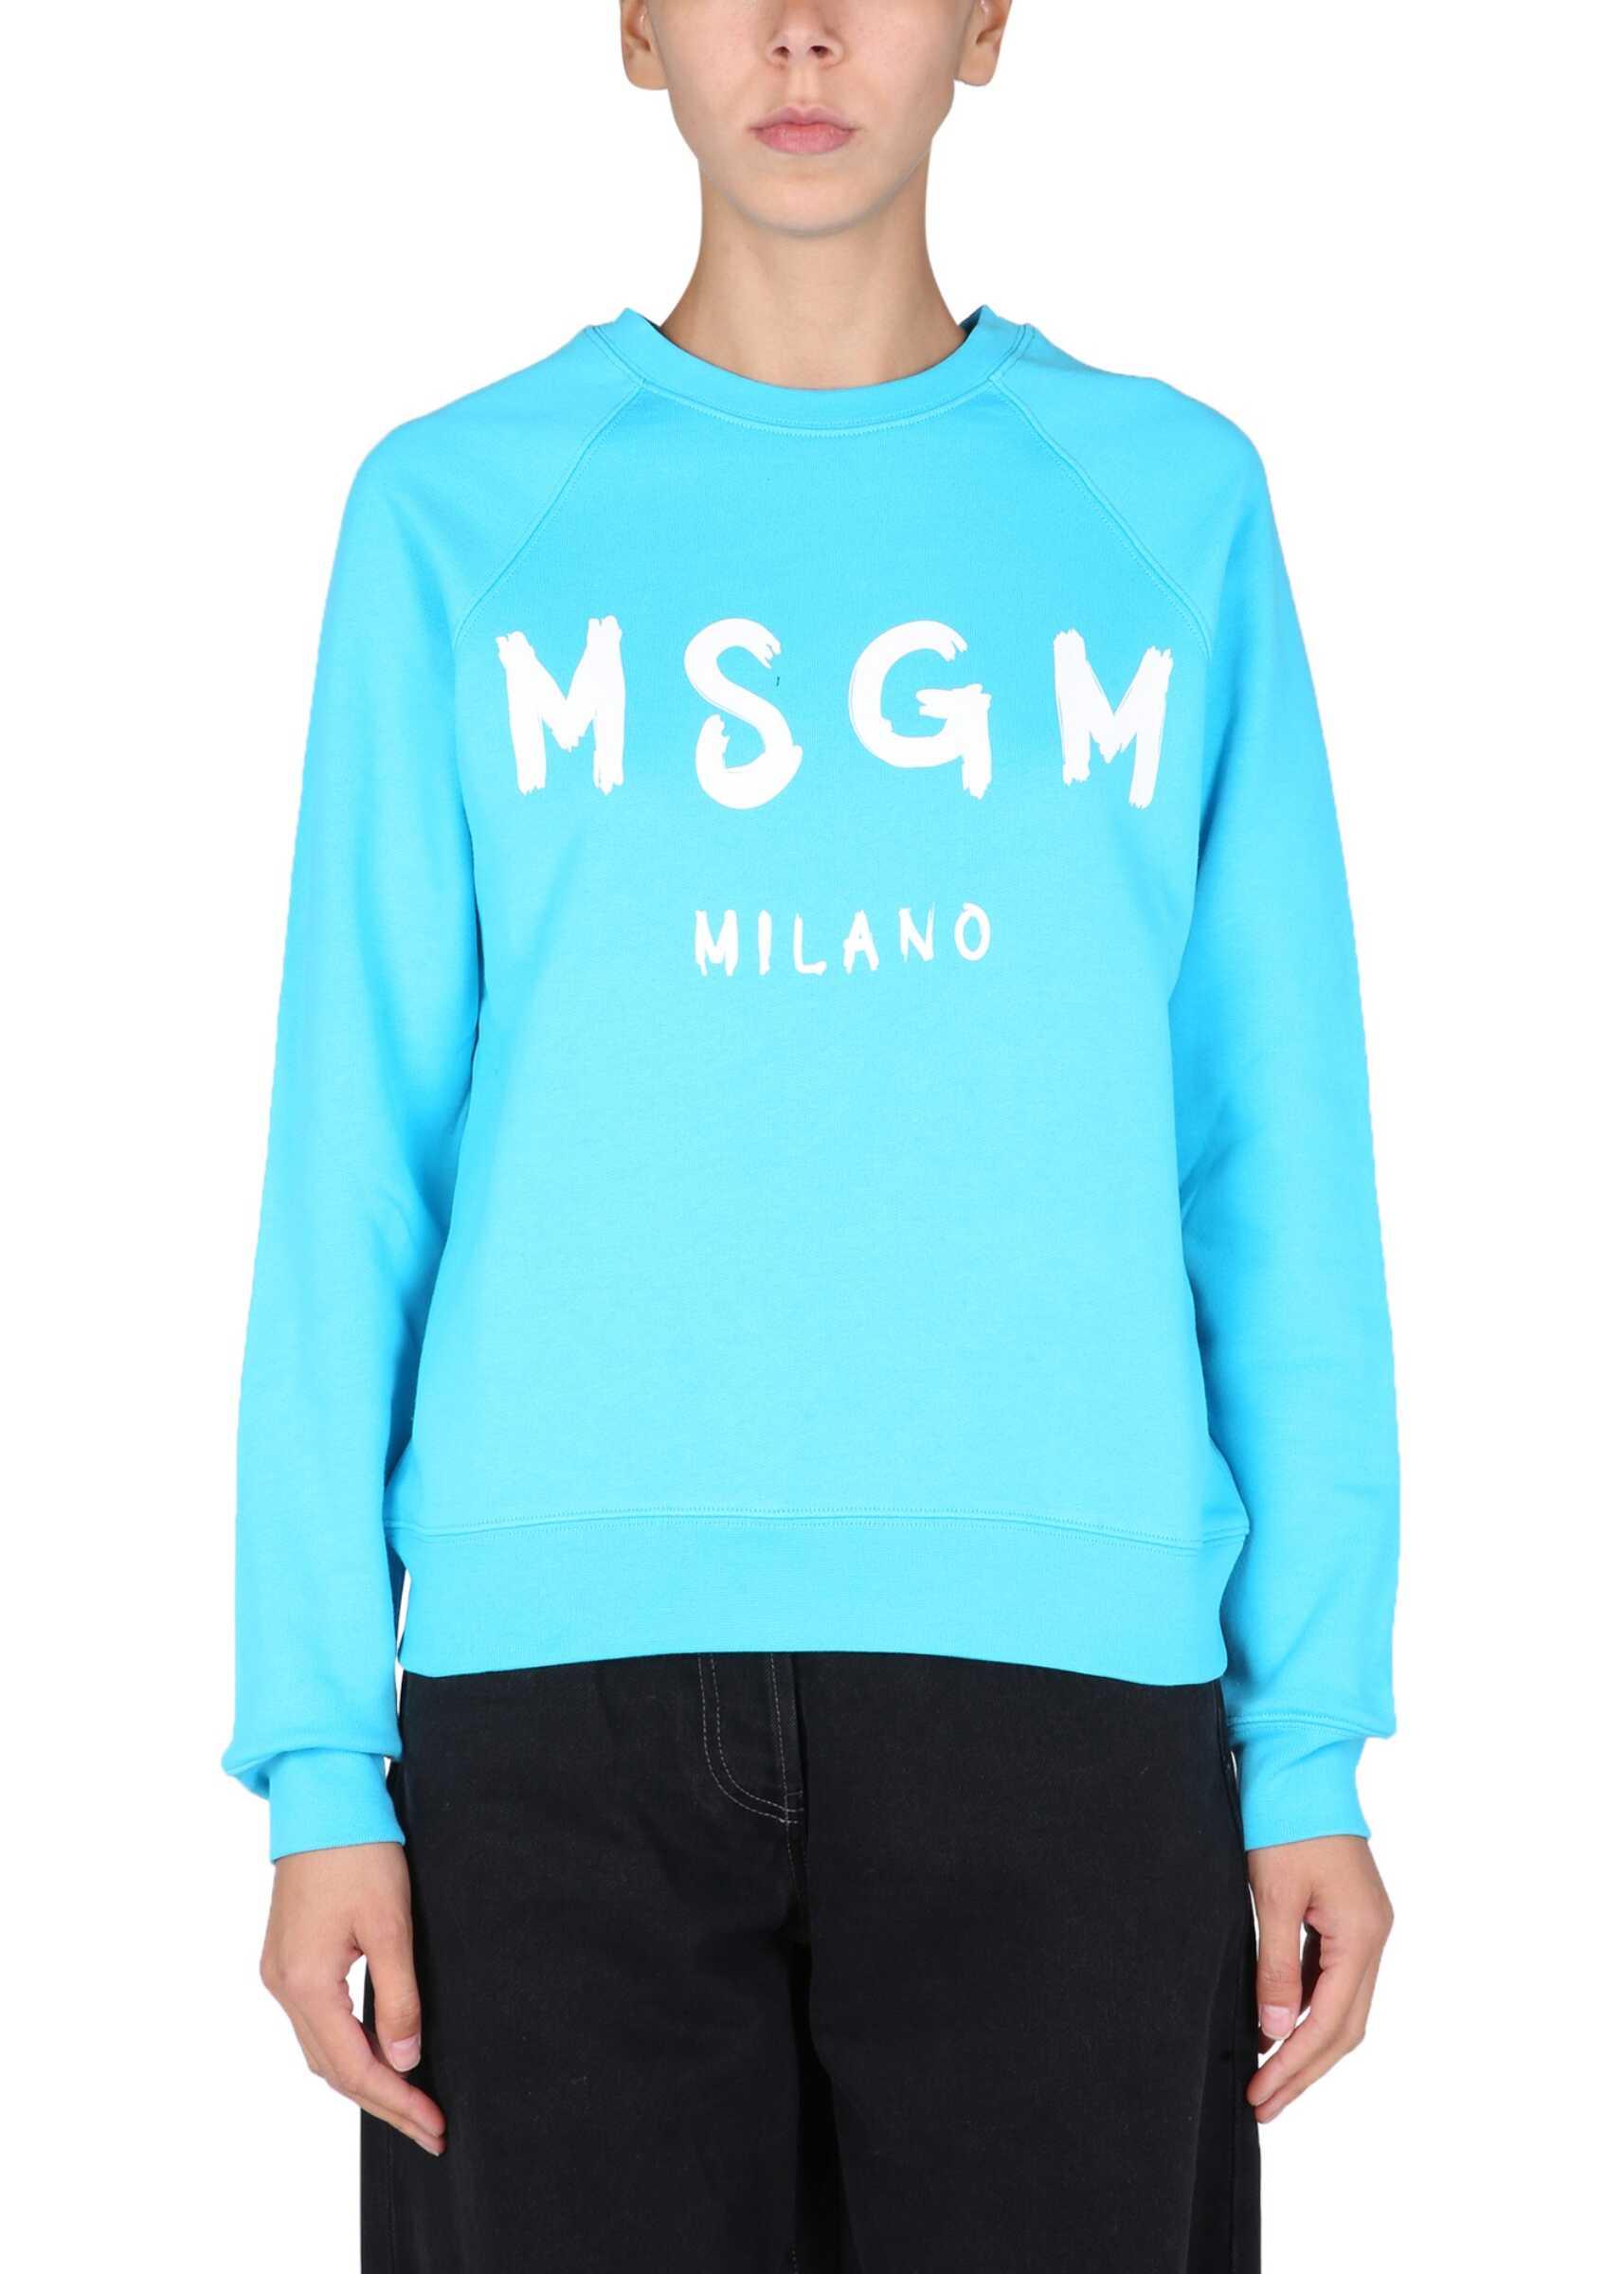 MSGM Sweatshirt With Brushed Logo 3142MDM513_21799984 AZURE image0